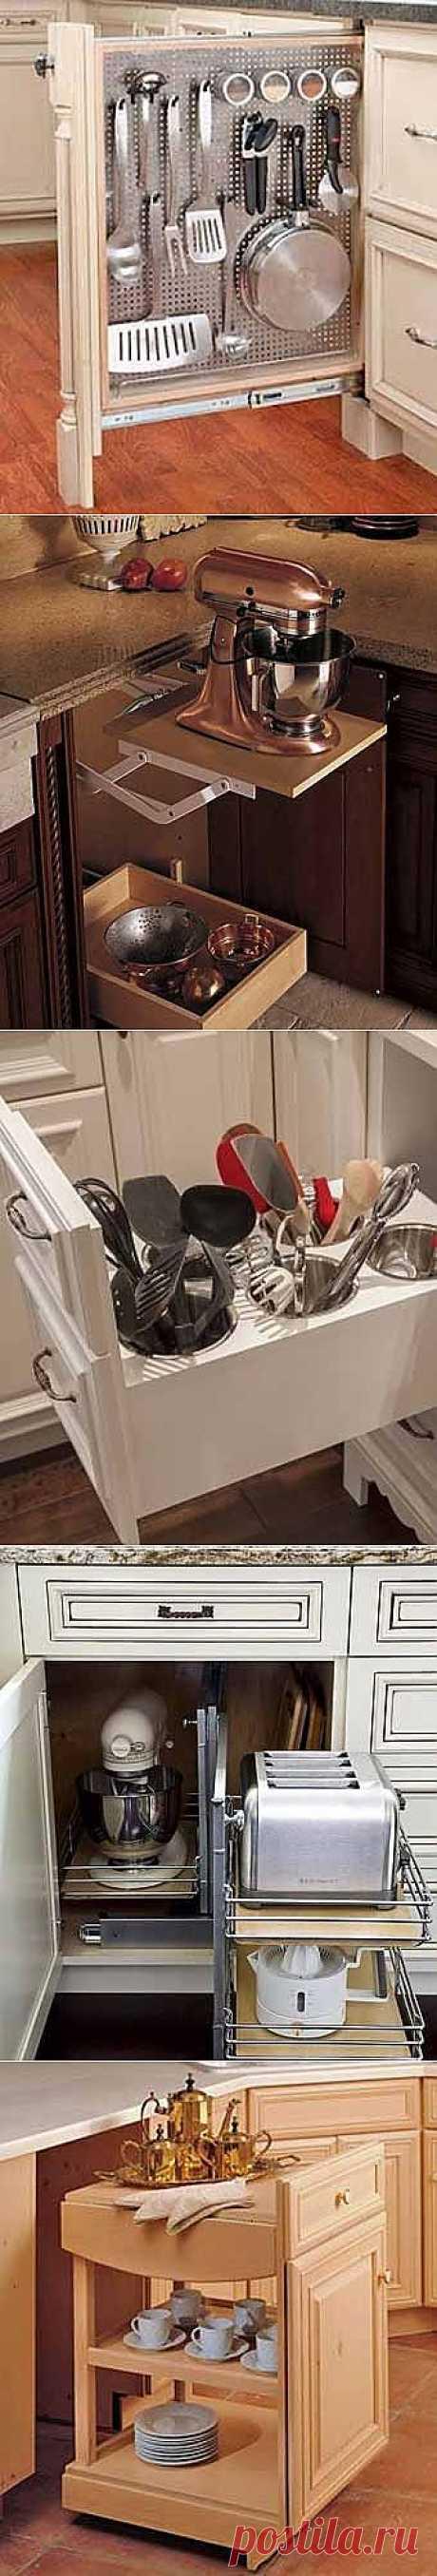 Где хранить посуду на кухне: 12 практичных идей для выдвижных полок - Учимся Делать Все Сами